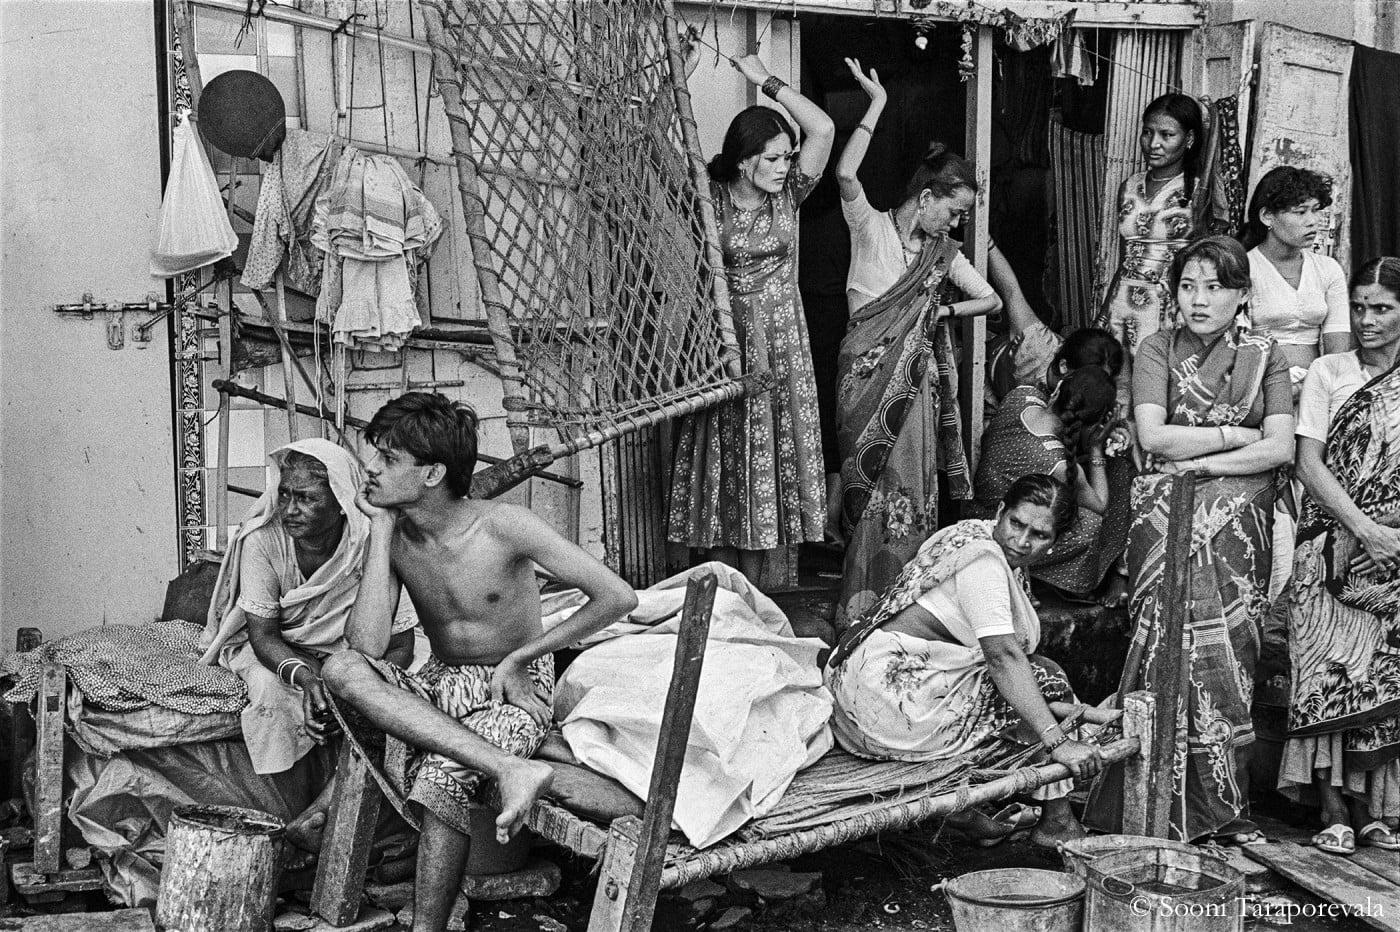 2_Sooni_Taraporevala_Kamatipura-Bombay-1987